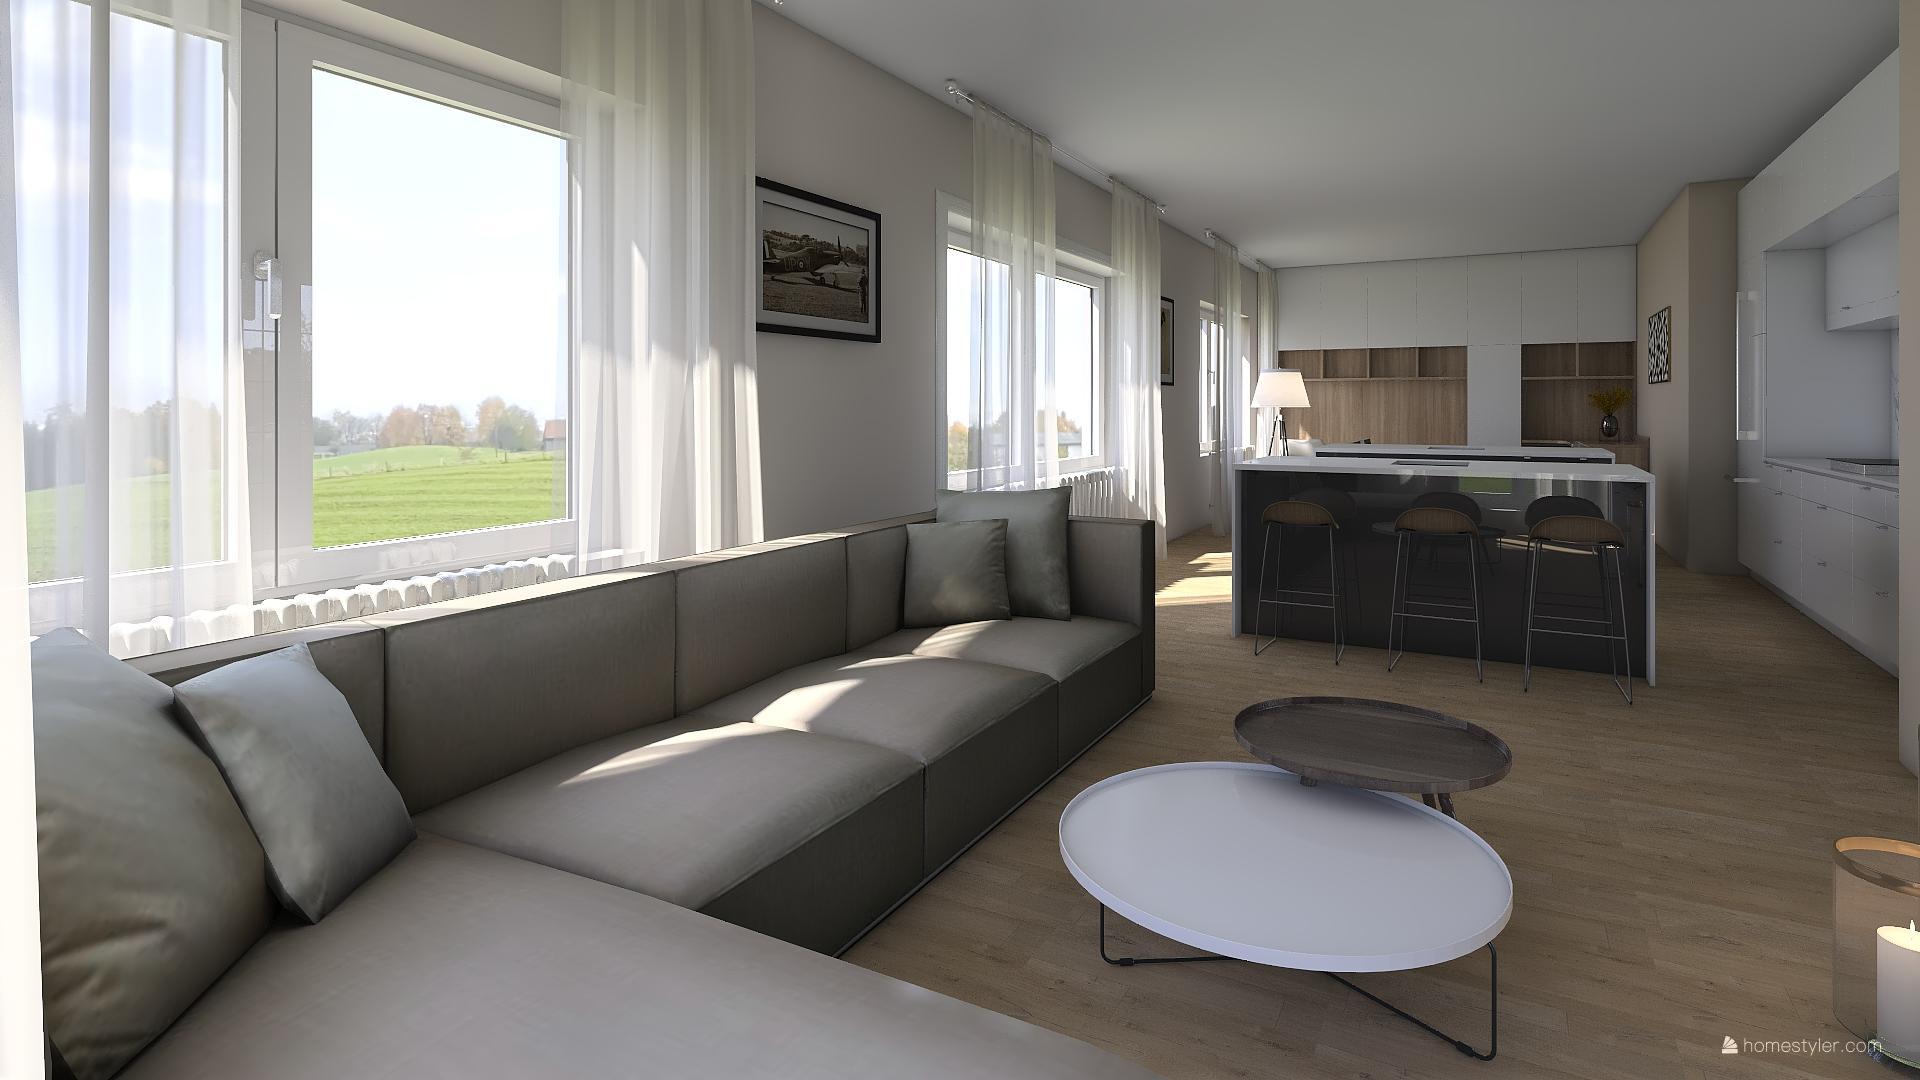 Vizualizace obýváku s kuchyní pro @iuanecka - Obrázek č. 6